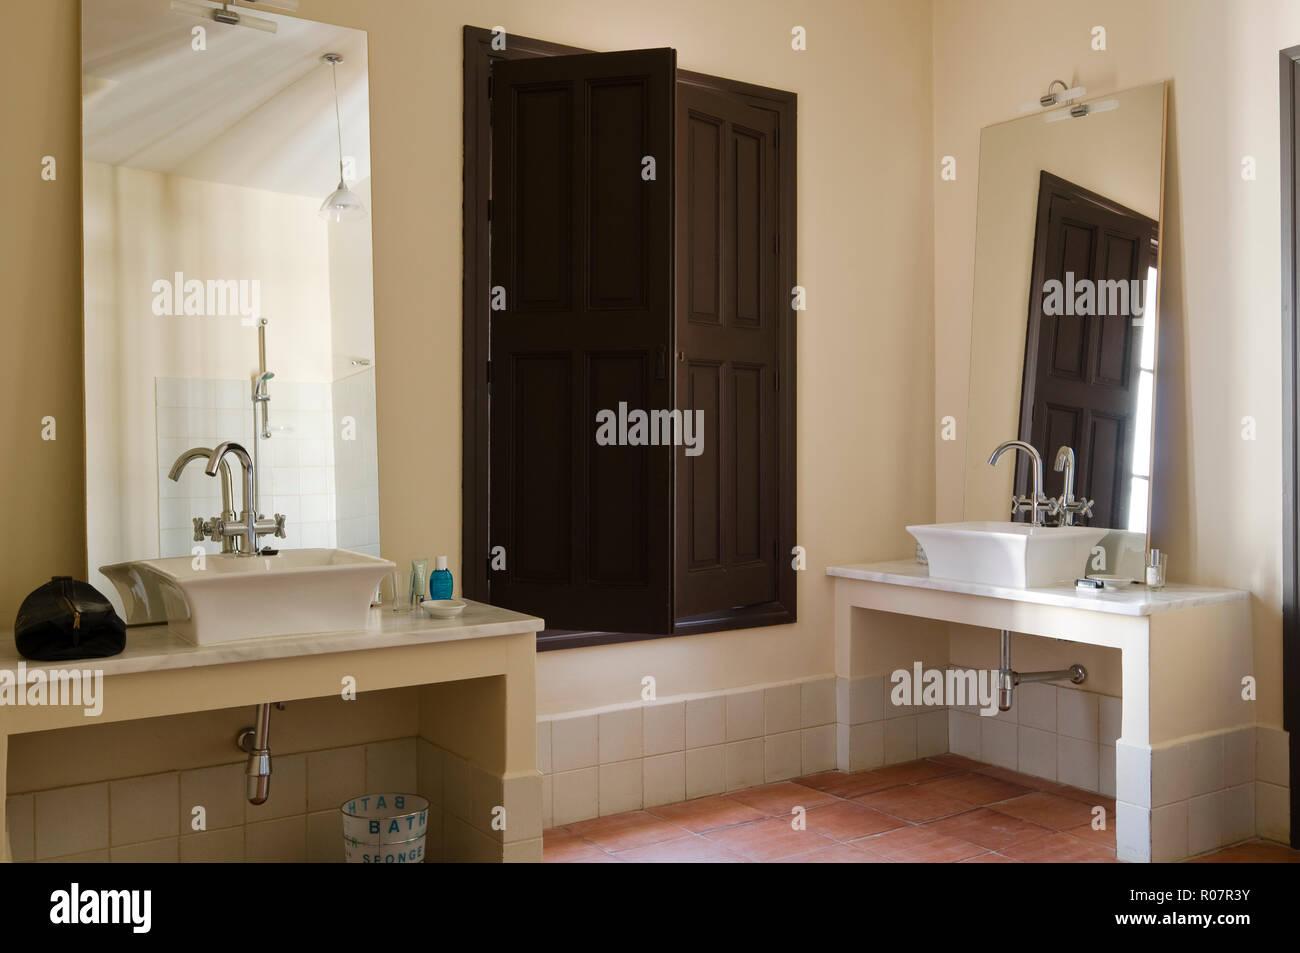 Zwei Waschbecken Von Fensterladen Aus Holz Im Bad Stockfoto Bild